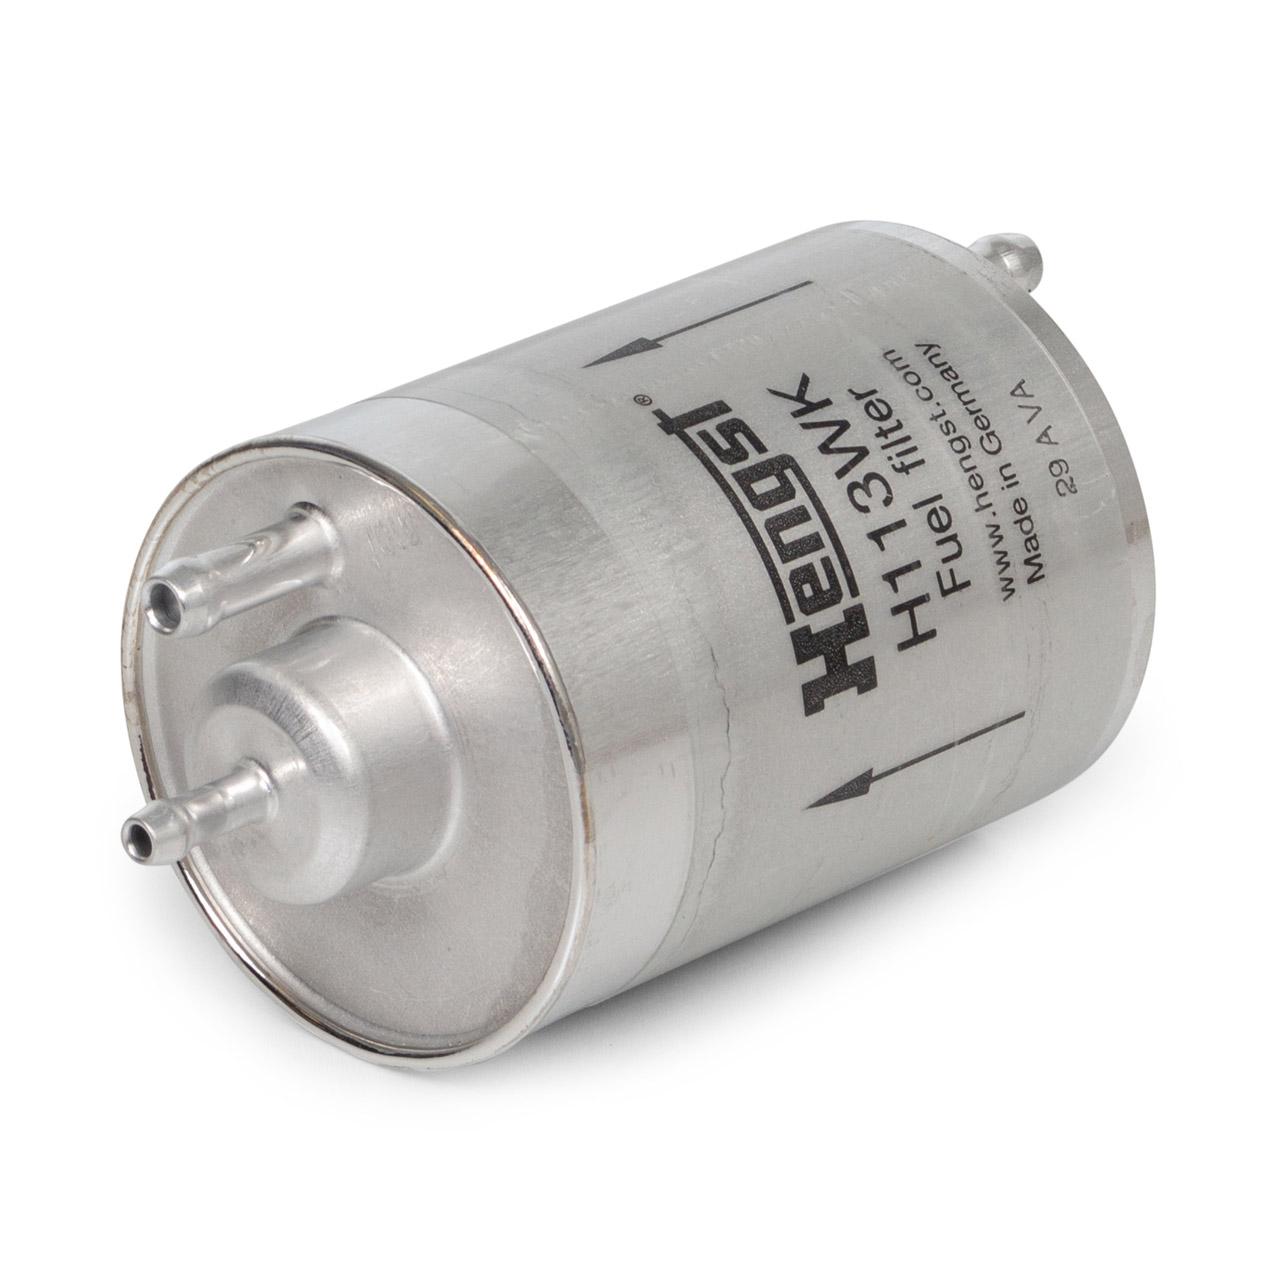 HENGST H113WK Kraftstofffilter Benzin für MERCEDES W202 W203 W210 W463 W220 R170